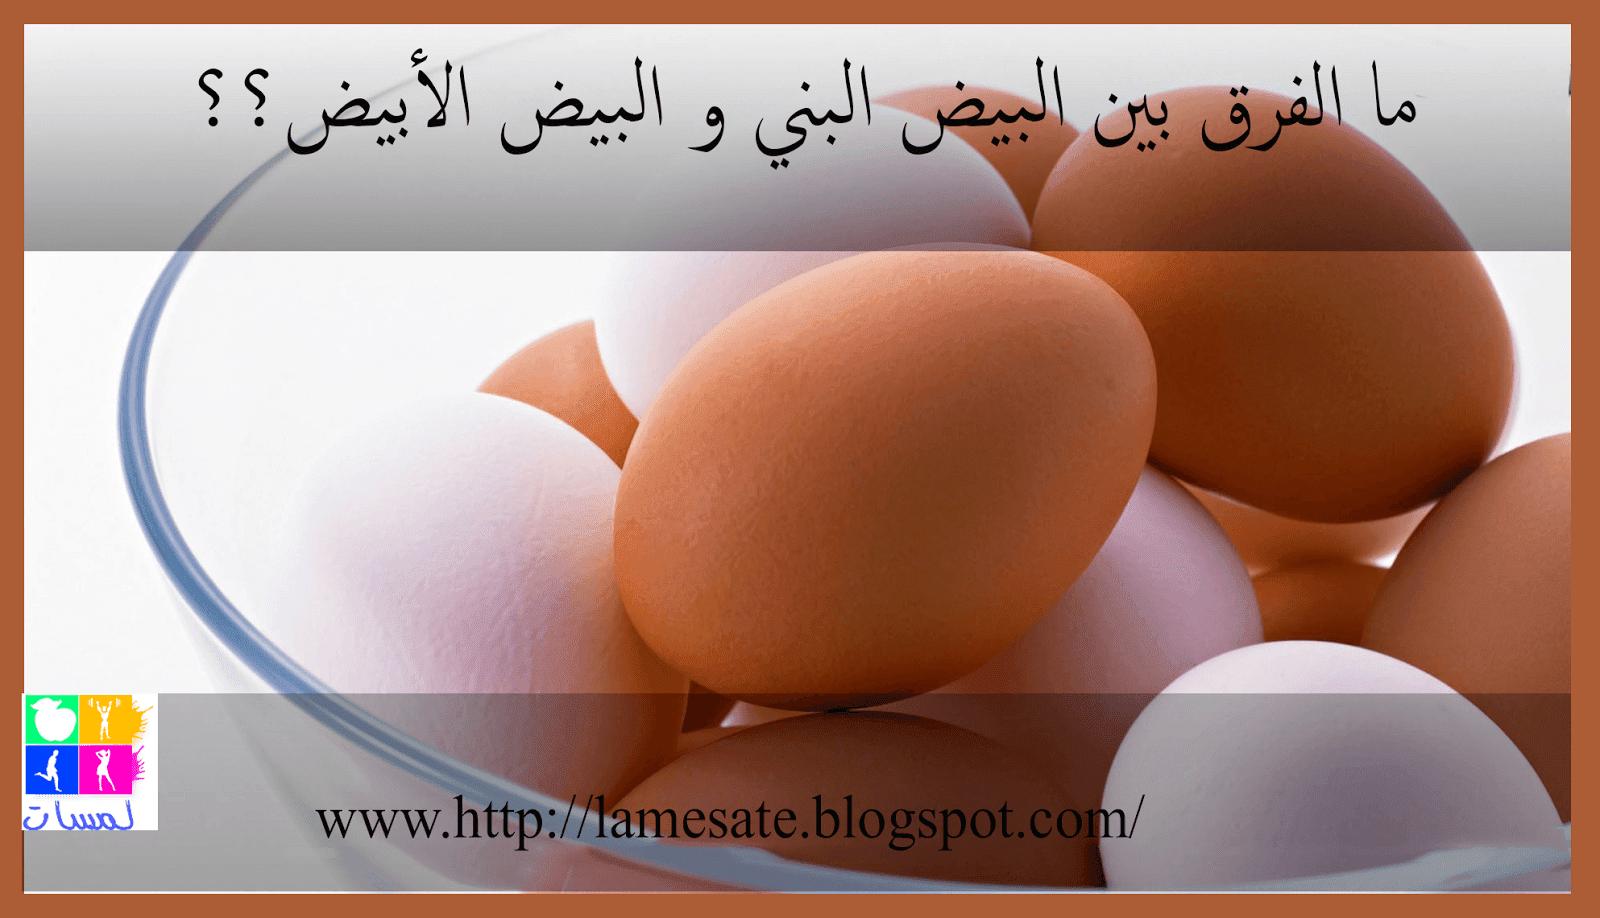 ما الفرق بين البيض البني و البيض الأبيض ؟؟